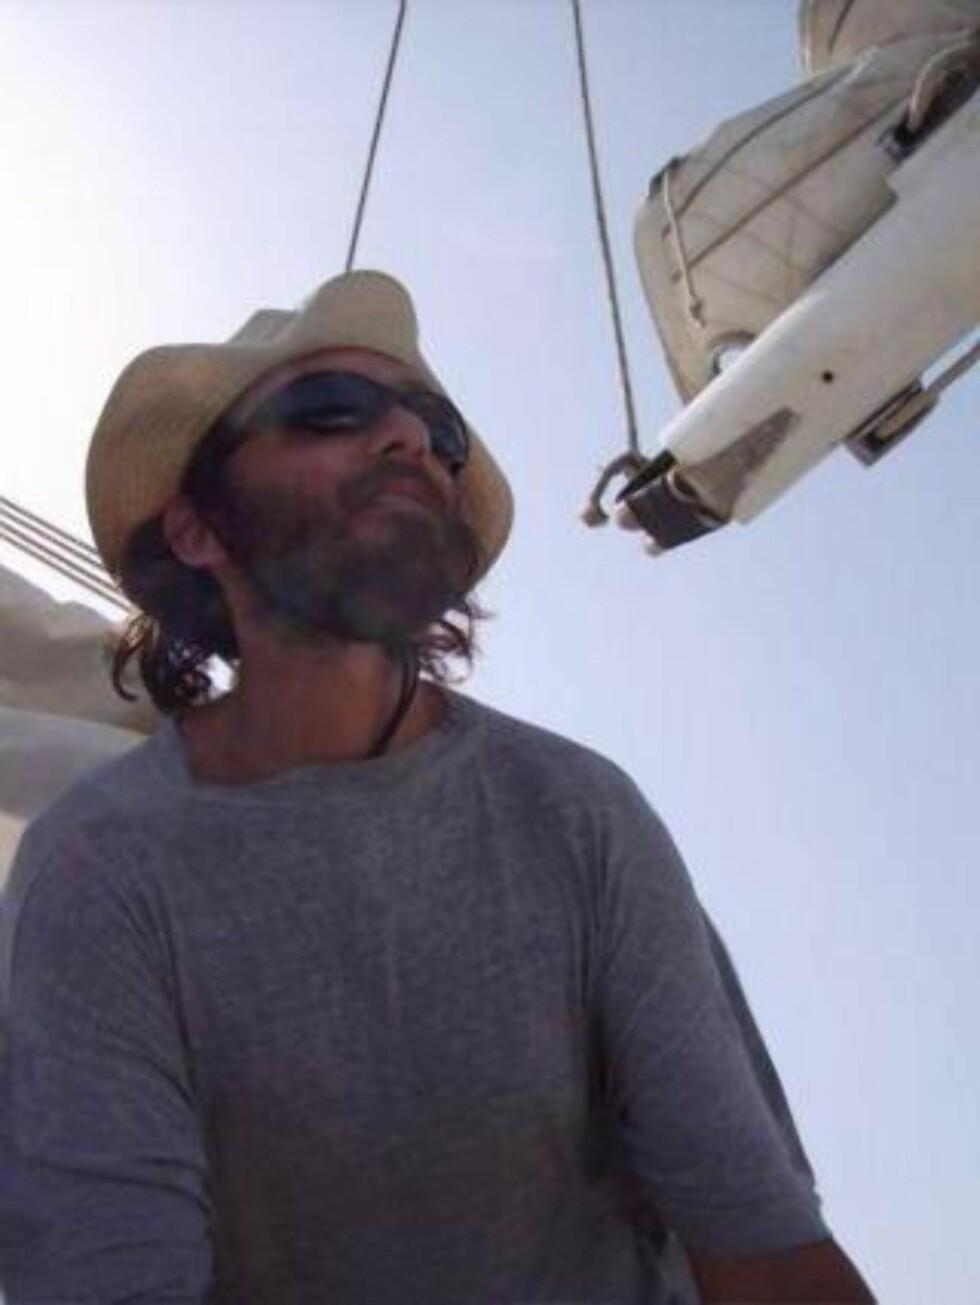 SKAL GRANSKES: I går ble Florent Lemacon drept under en aksjon mot somaliske pirater. Franske myndigheter utelukker ikke at han kan ha blitt truffet av franske kuler og vil granske det som skjedde. Foto:  EPA/TANIT PHOTO BLOG / SCANPIX